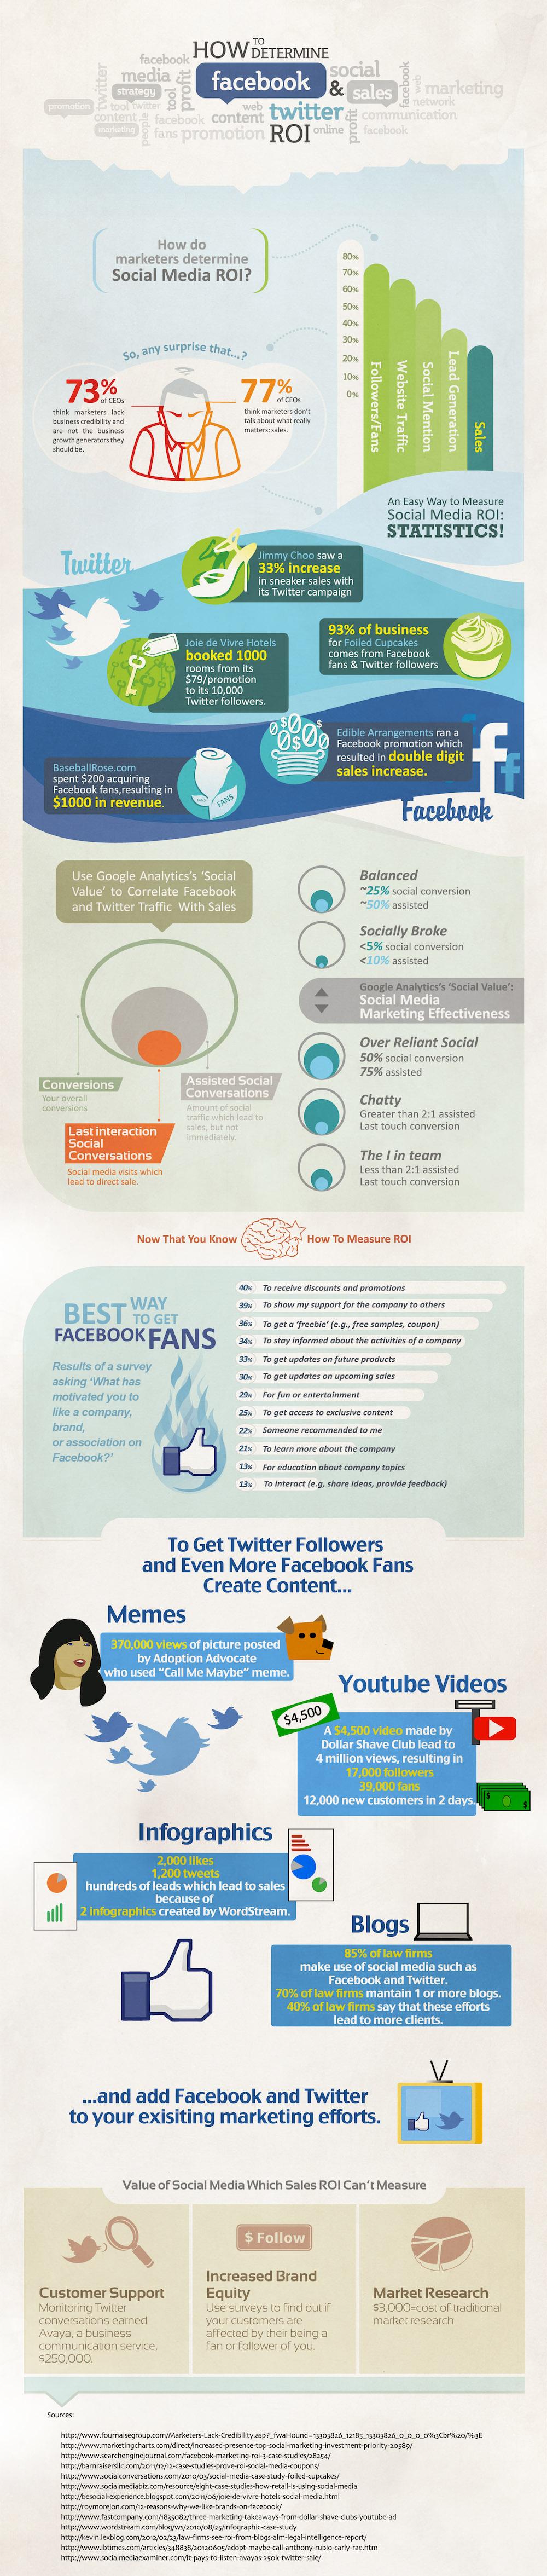 ROI de Facebook y Twitter